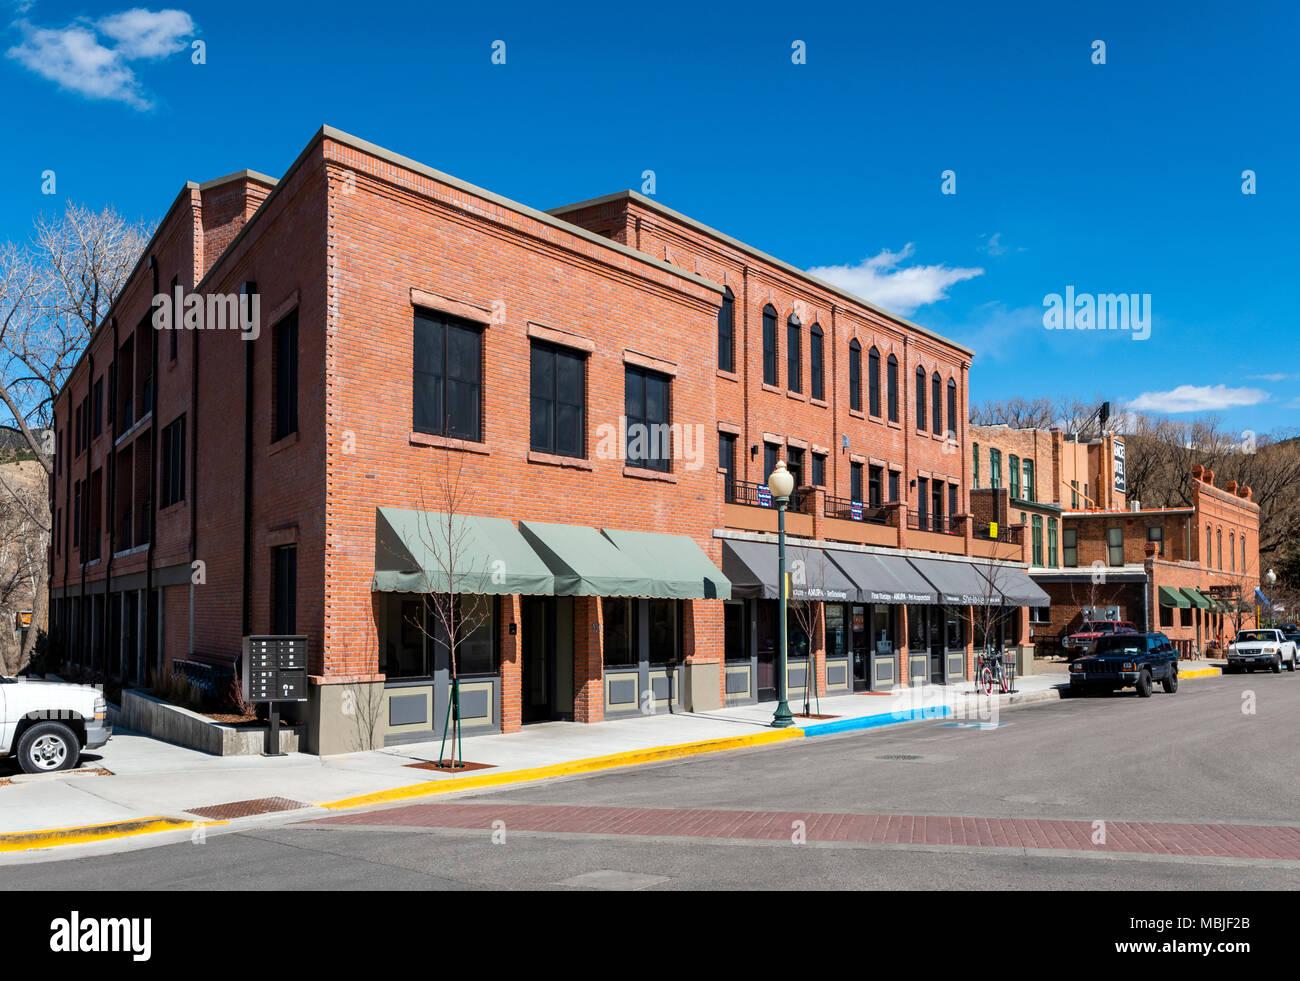 Neue Gebäude in der historischen Architektur; Eigentumswohnungen; Geschäfte; Parkplatz; Salida, Colorado, USA Stockbild